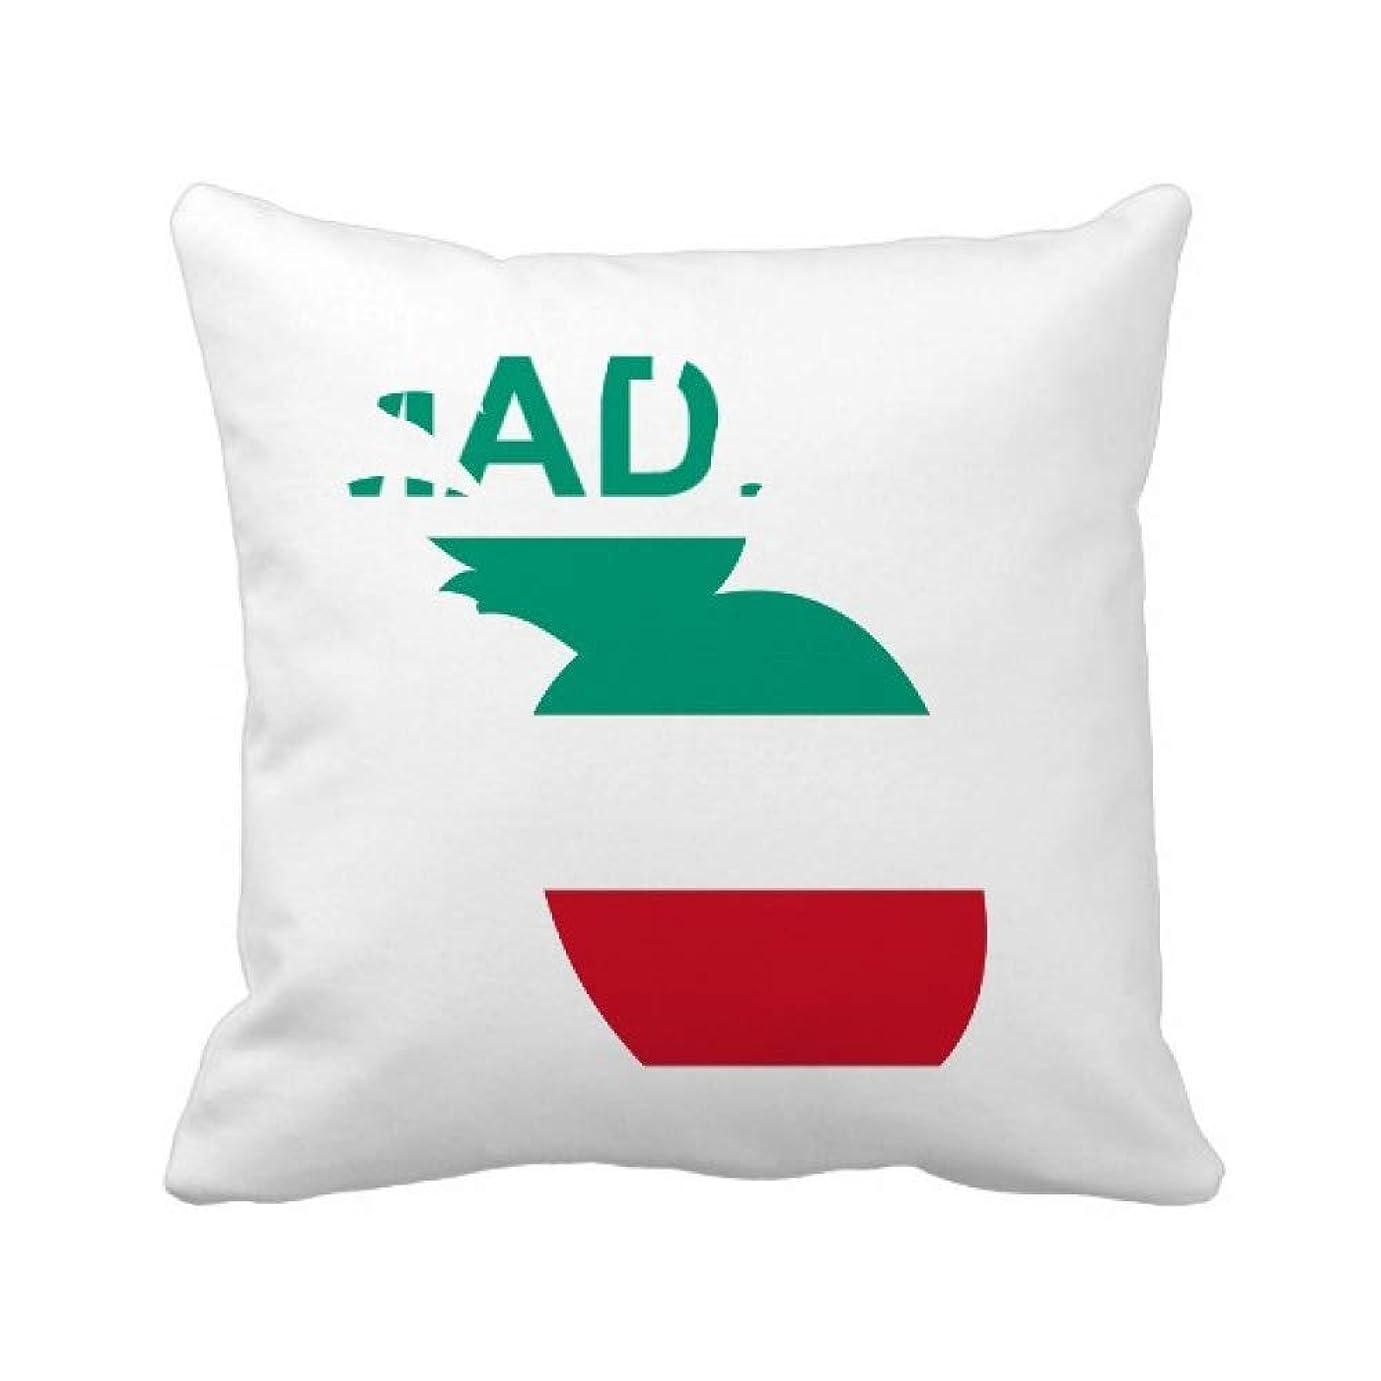 植物のパール第三クウェート国に恋をした パイナップル枕カバー正方形を投げる 50cm x 50cm